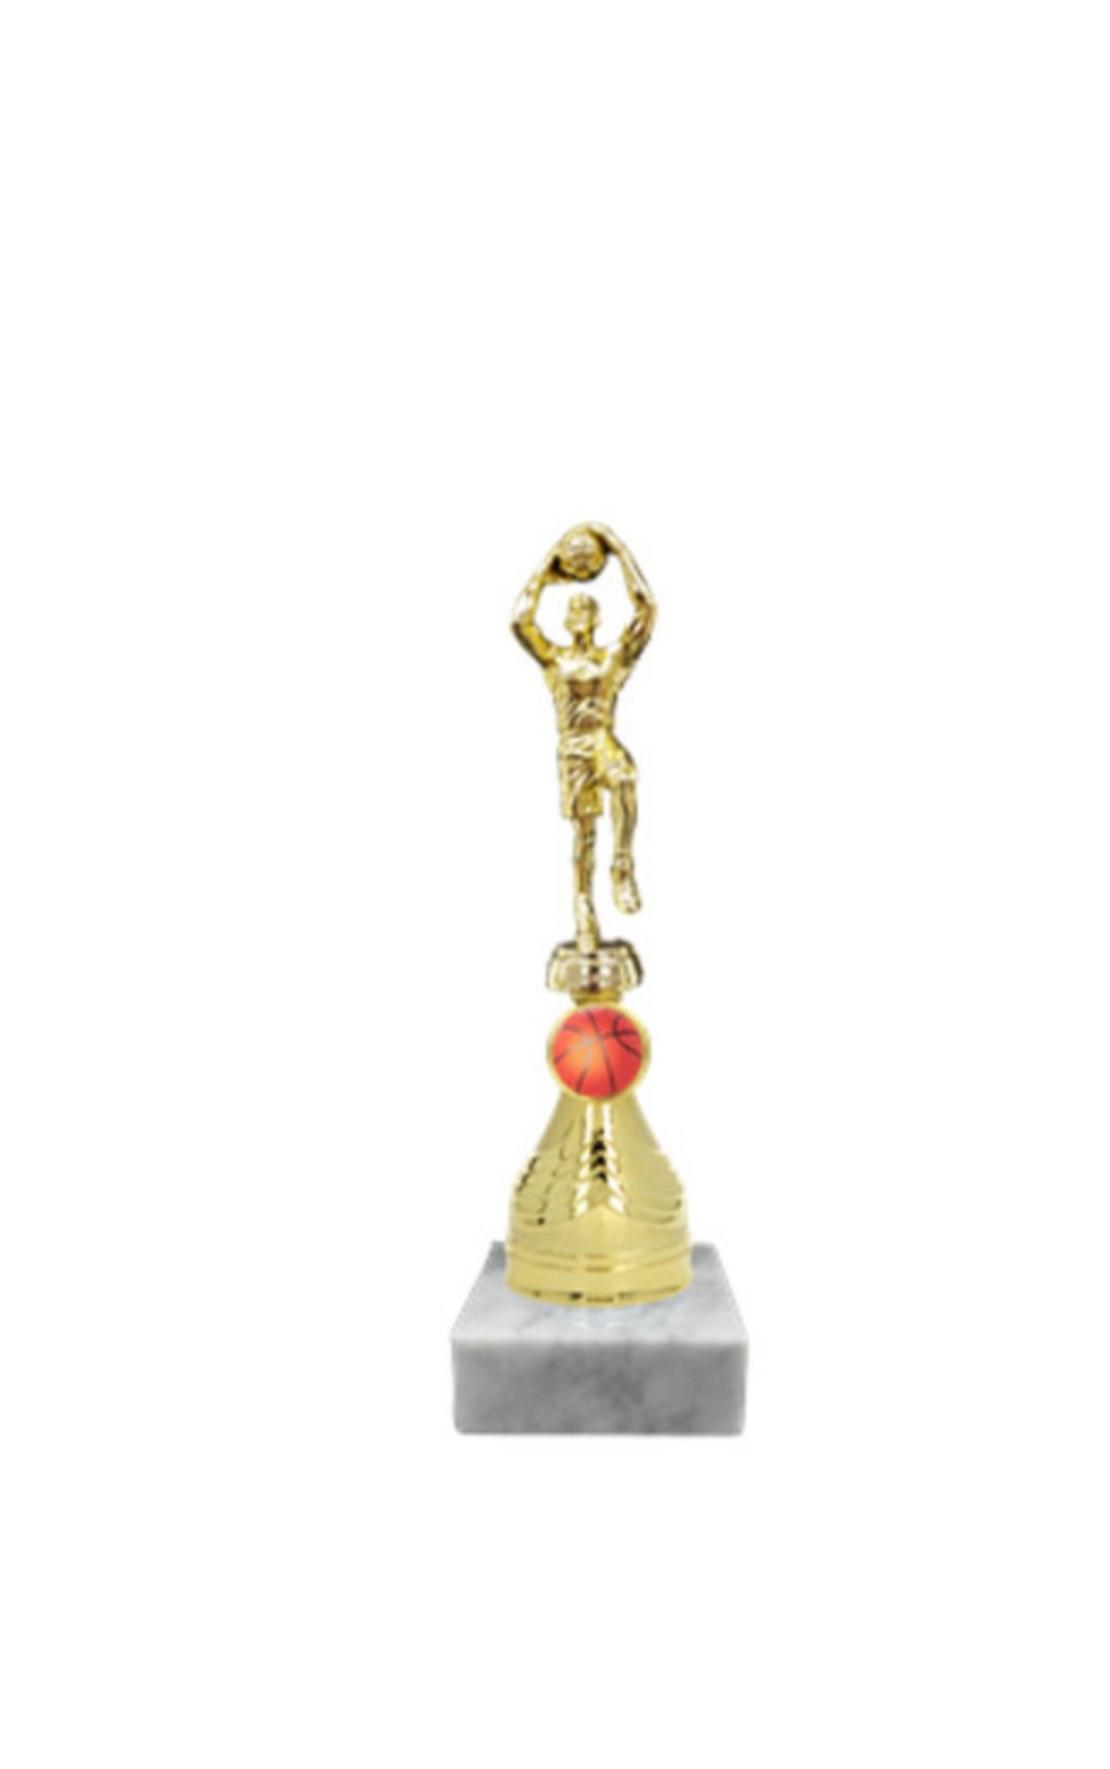 גביע דמות כדורסלן מוגבה זהב